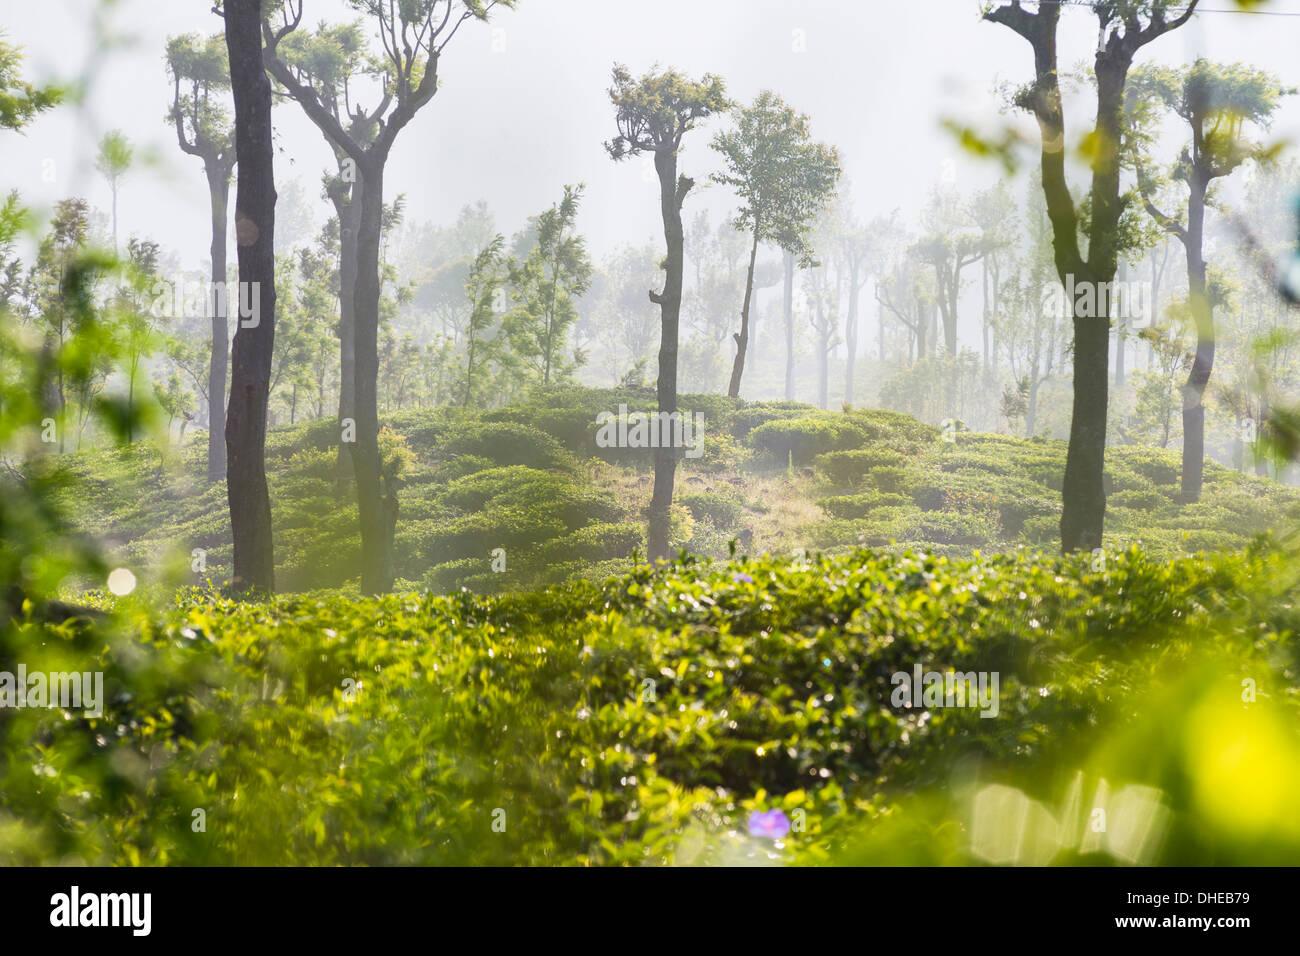 Amanecer en las plantaciones de té, Haputale, Sri Lanka Hill Country, distrito de Nuwara Eliya, Sri Lanka, Asia Imagen De Stock